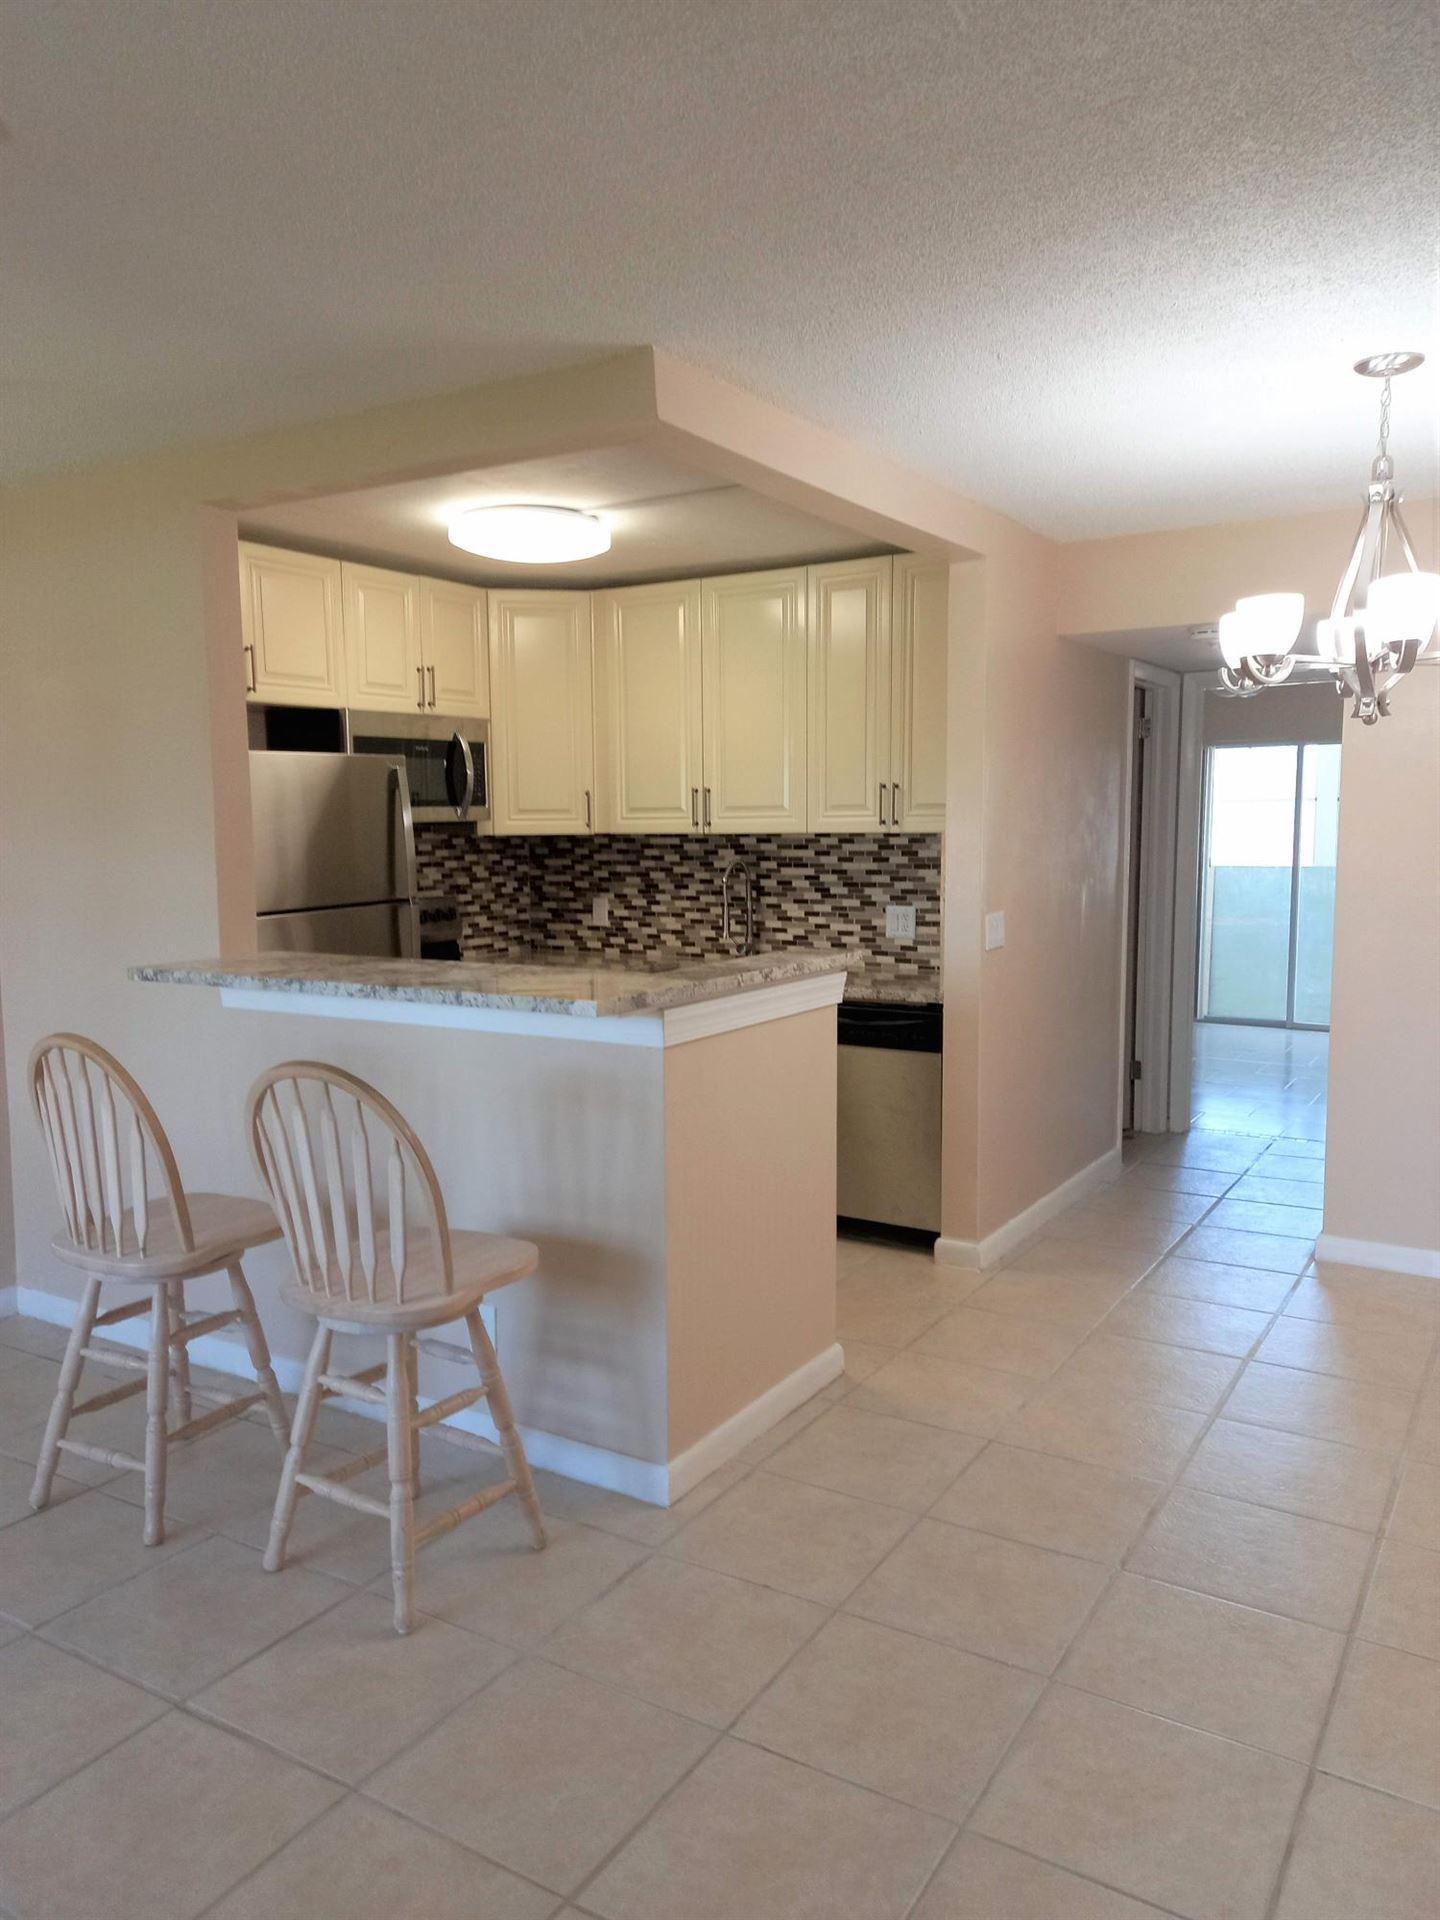 126 Somerset G, West Palm Beach, FL 33417 - MLS#: RX-10718764